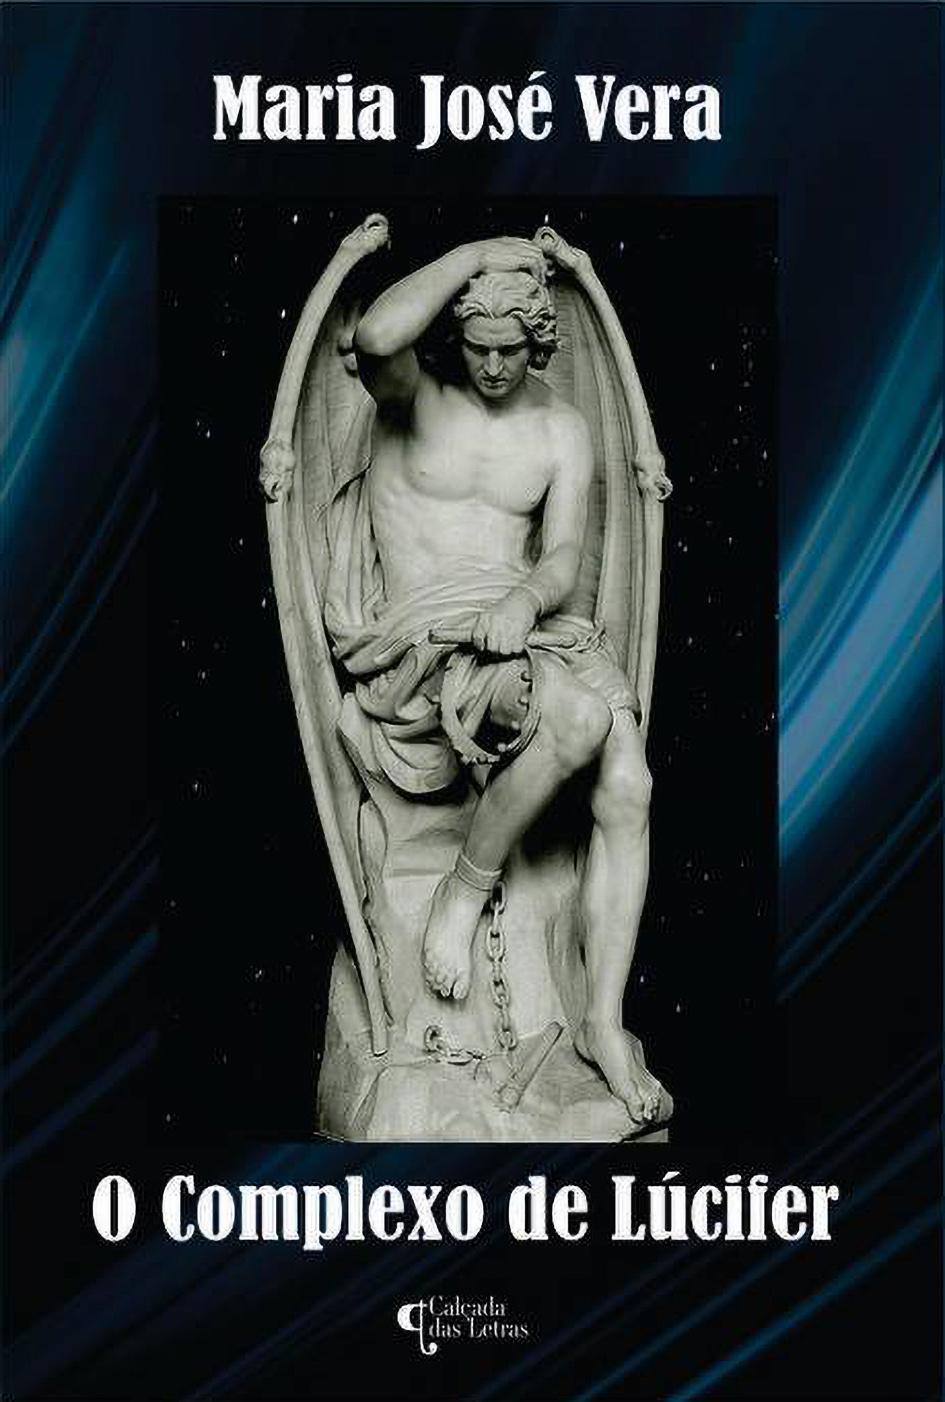 Capa do livro O Complexo de Lúcifer